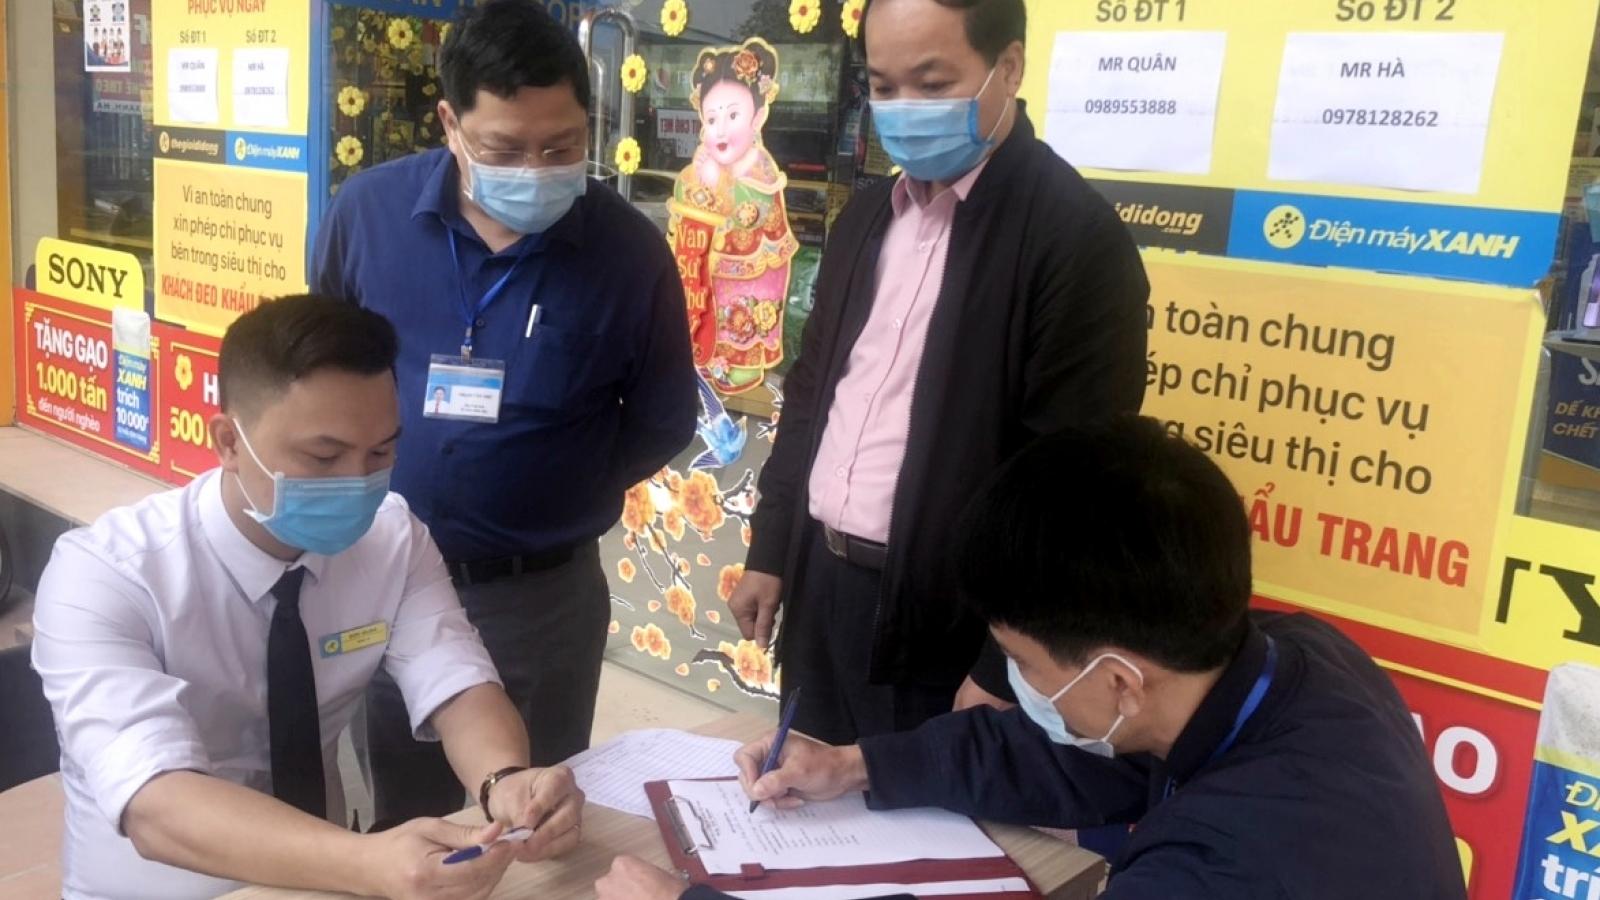 Quảng Ninh xử phạt 2 cửa hàng không chấp hành quy định phòng dịch Covid-19